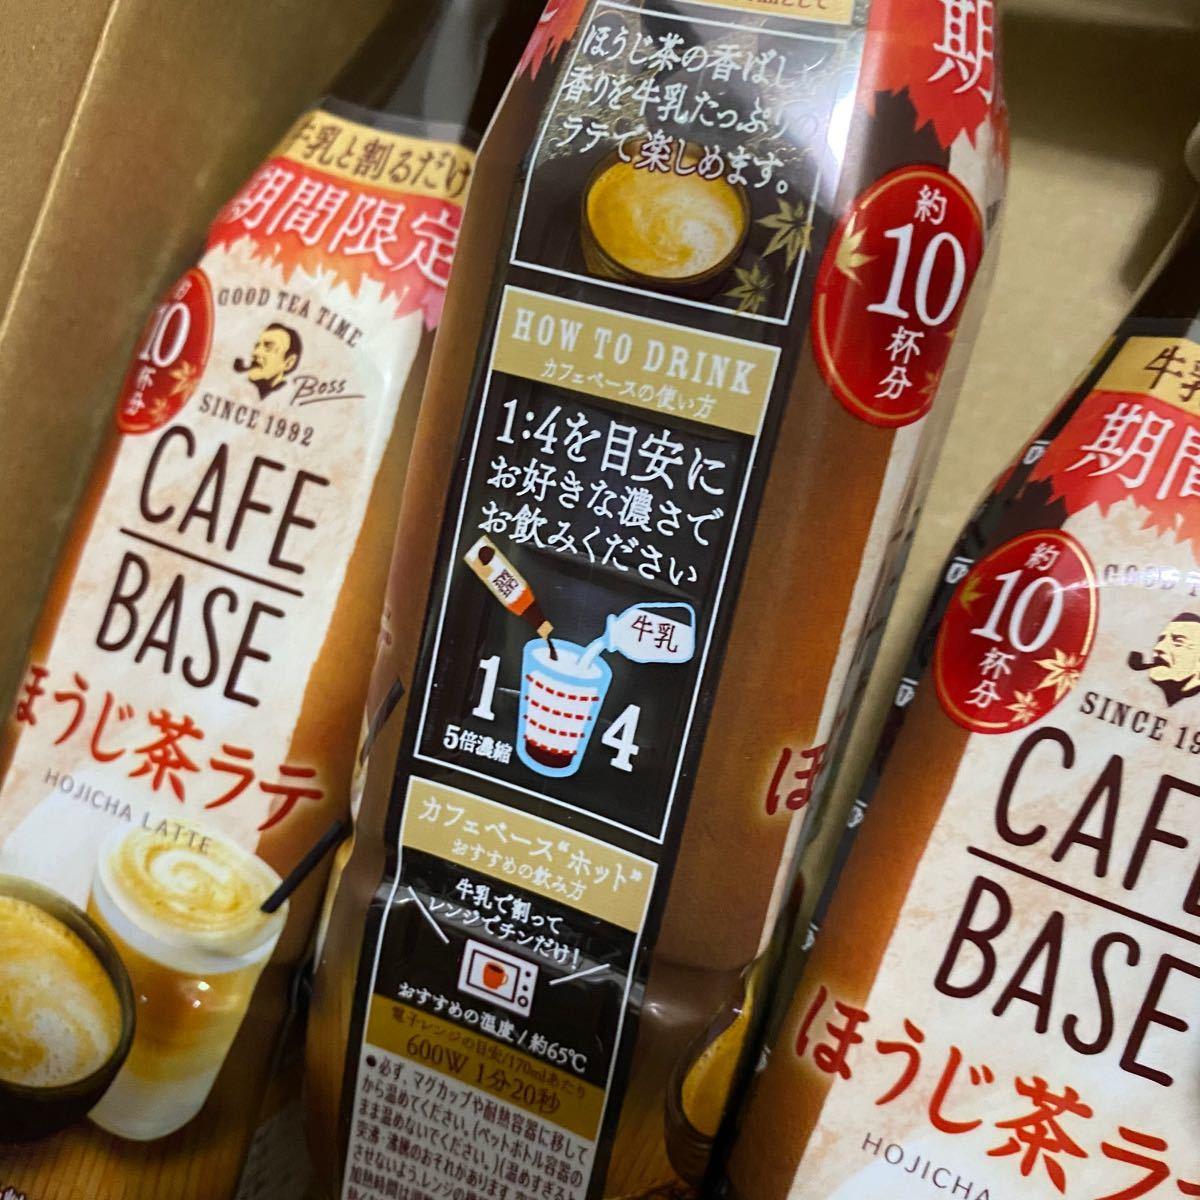 カフェベース ほうじ茶ラテ 3本セット【在庫まだ数本ございます】